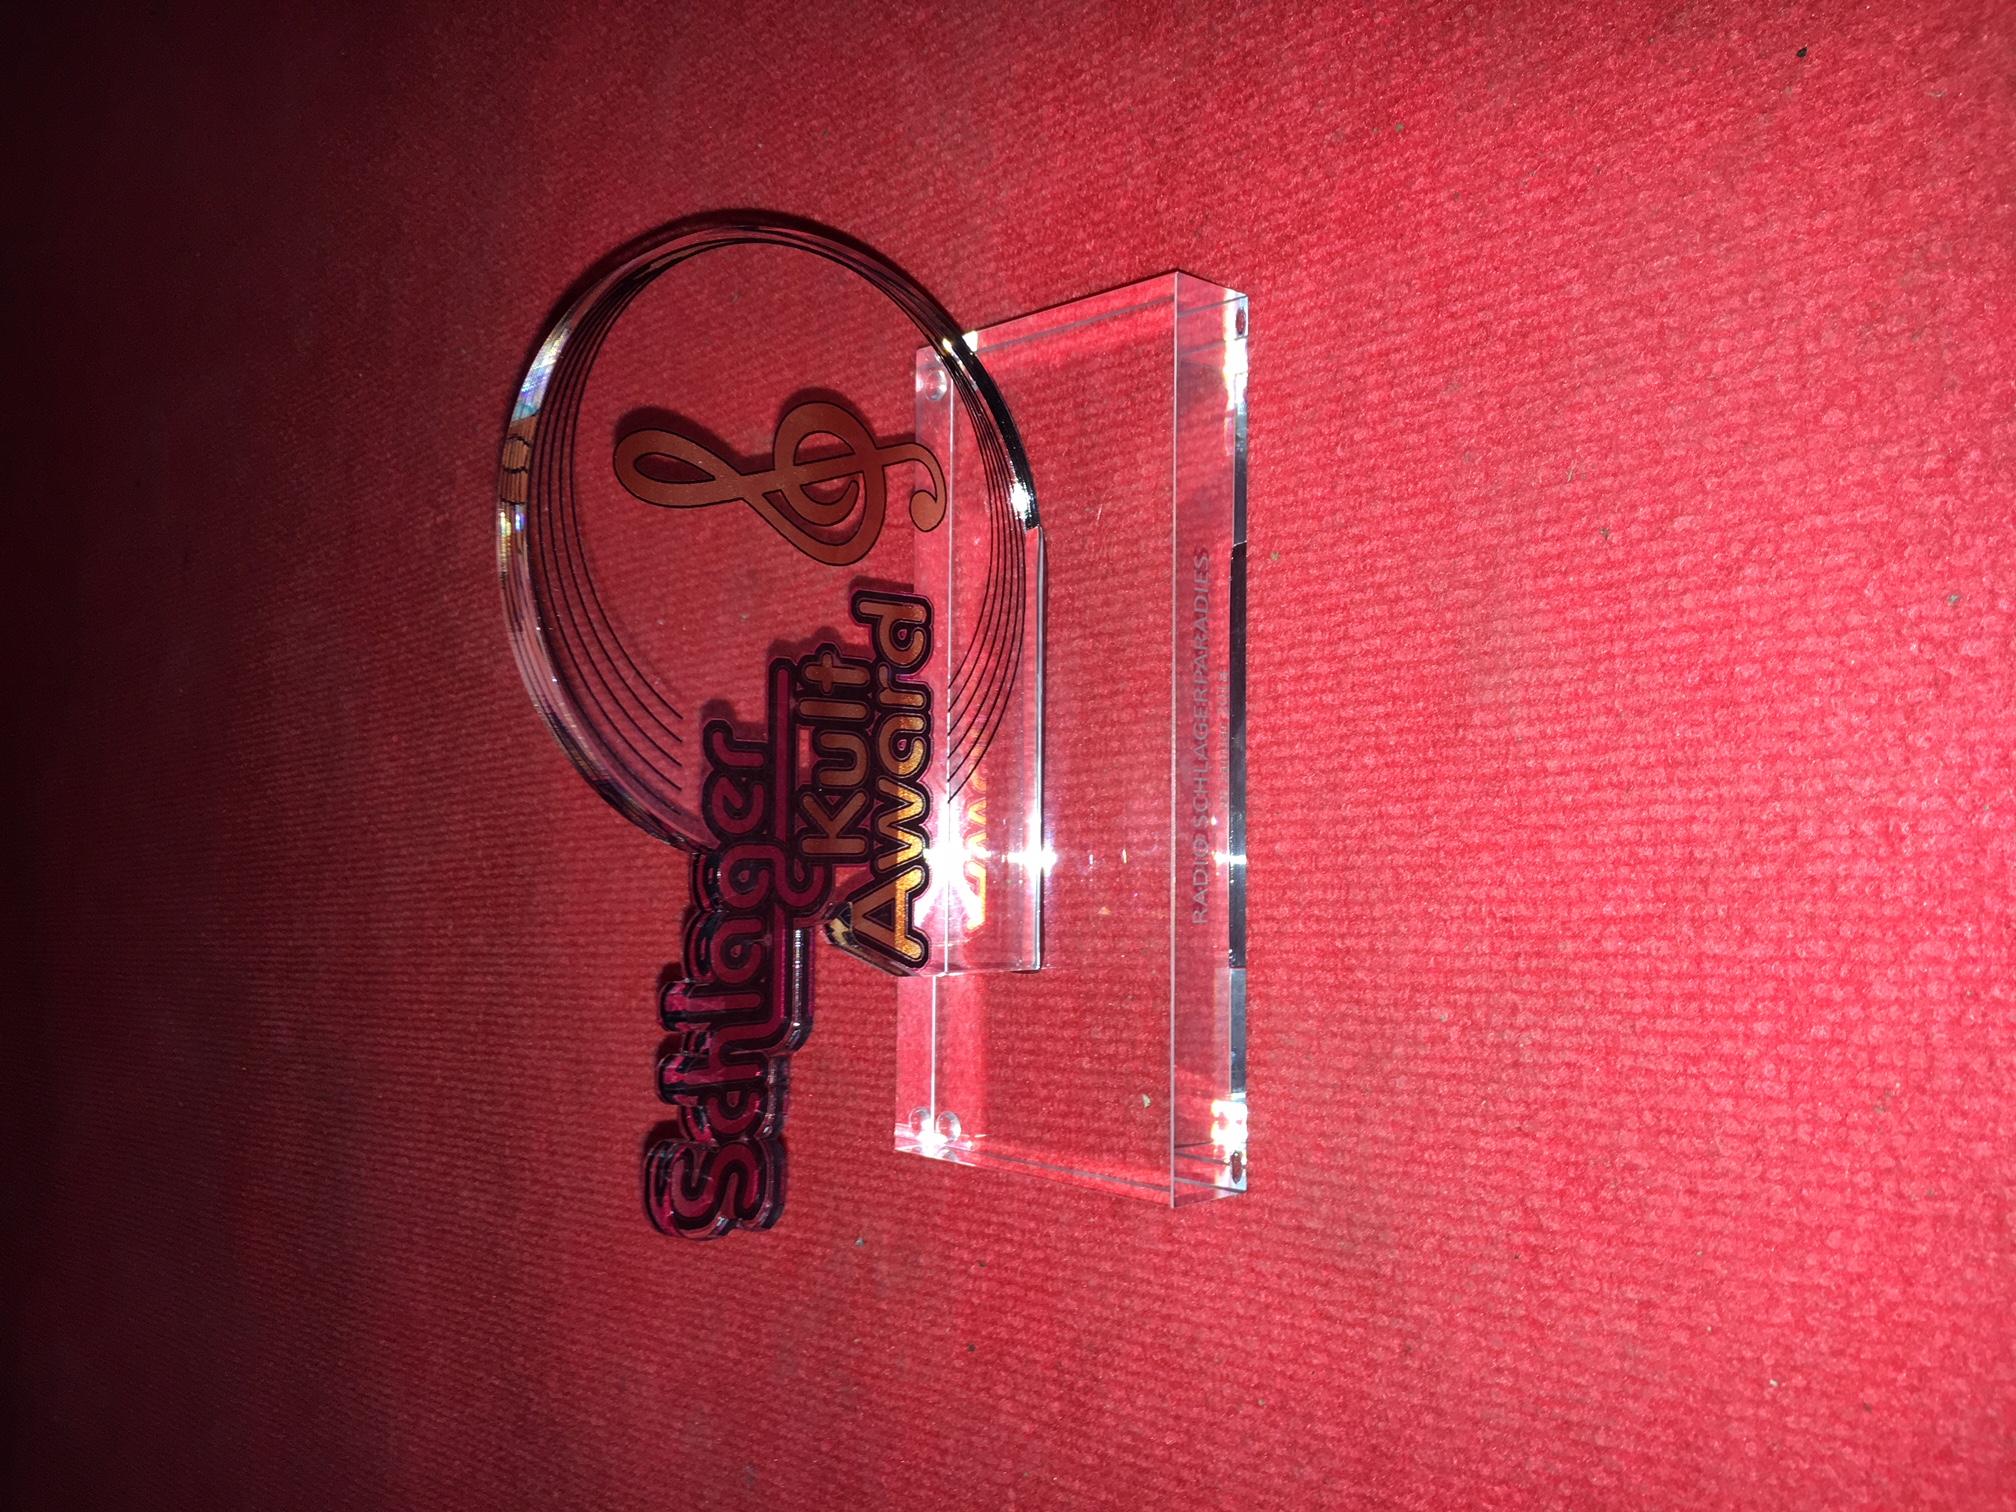 Der Schlagerkult-Award